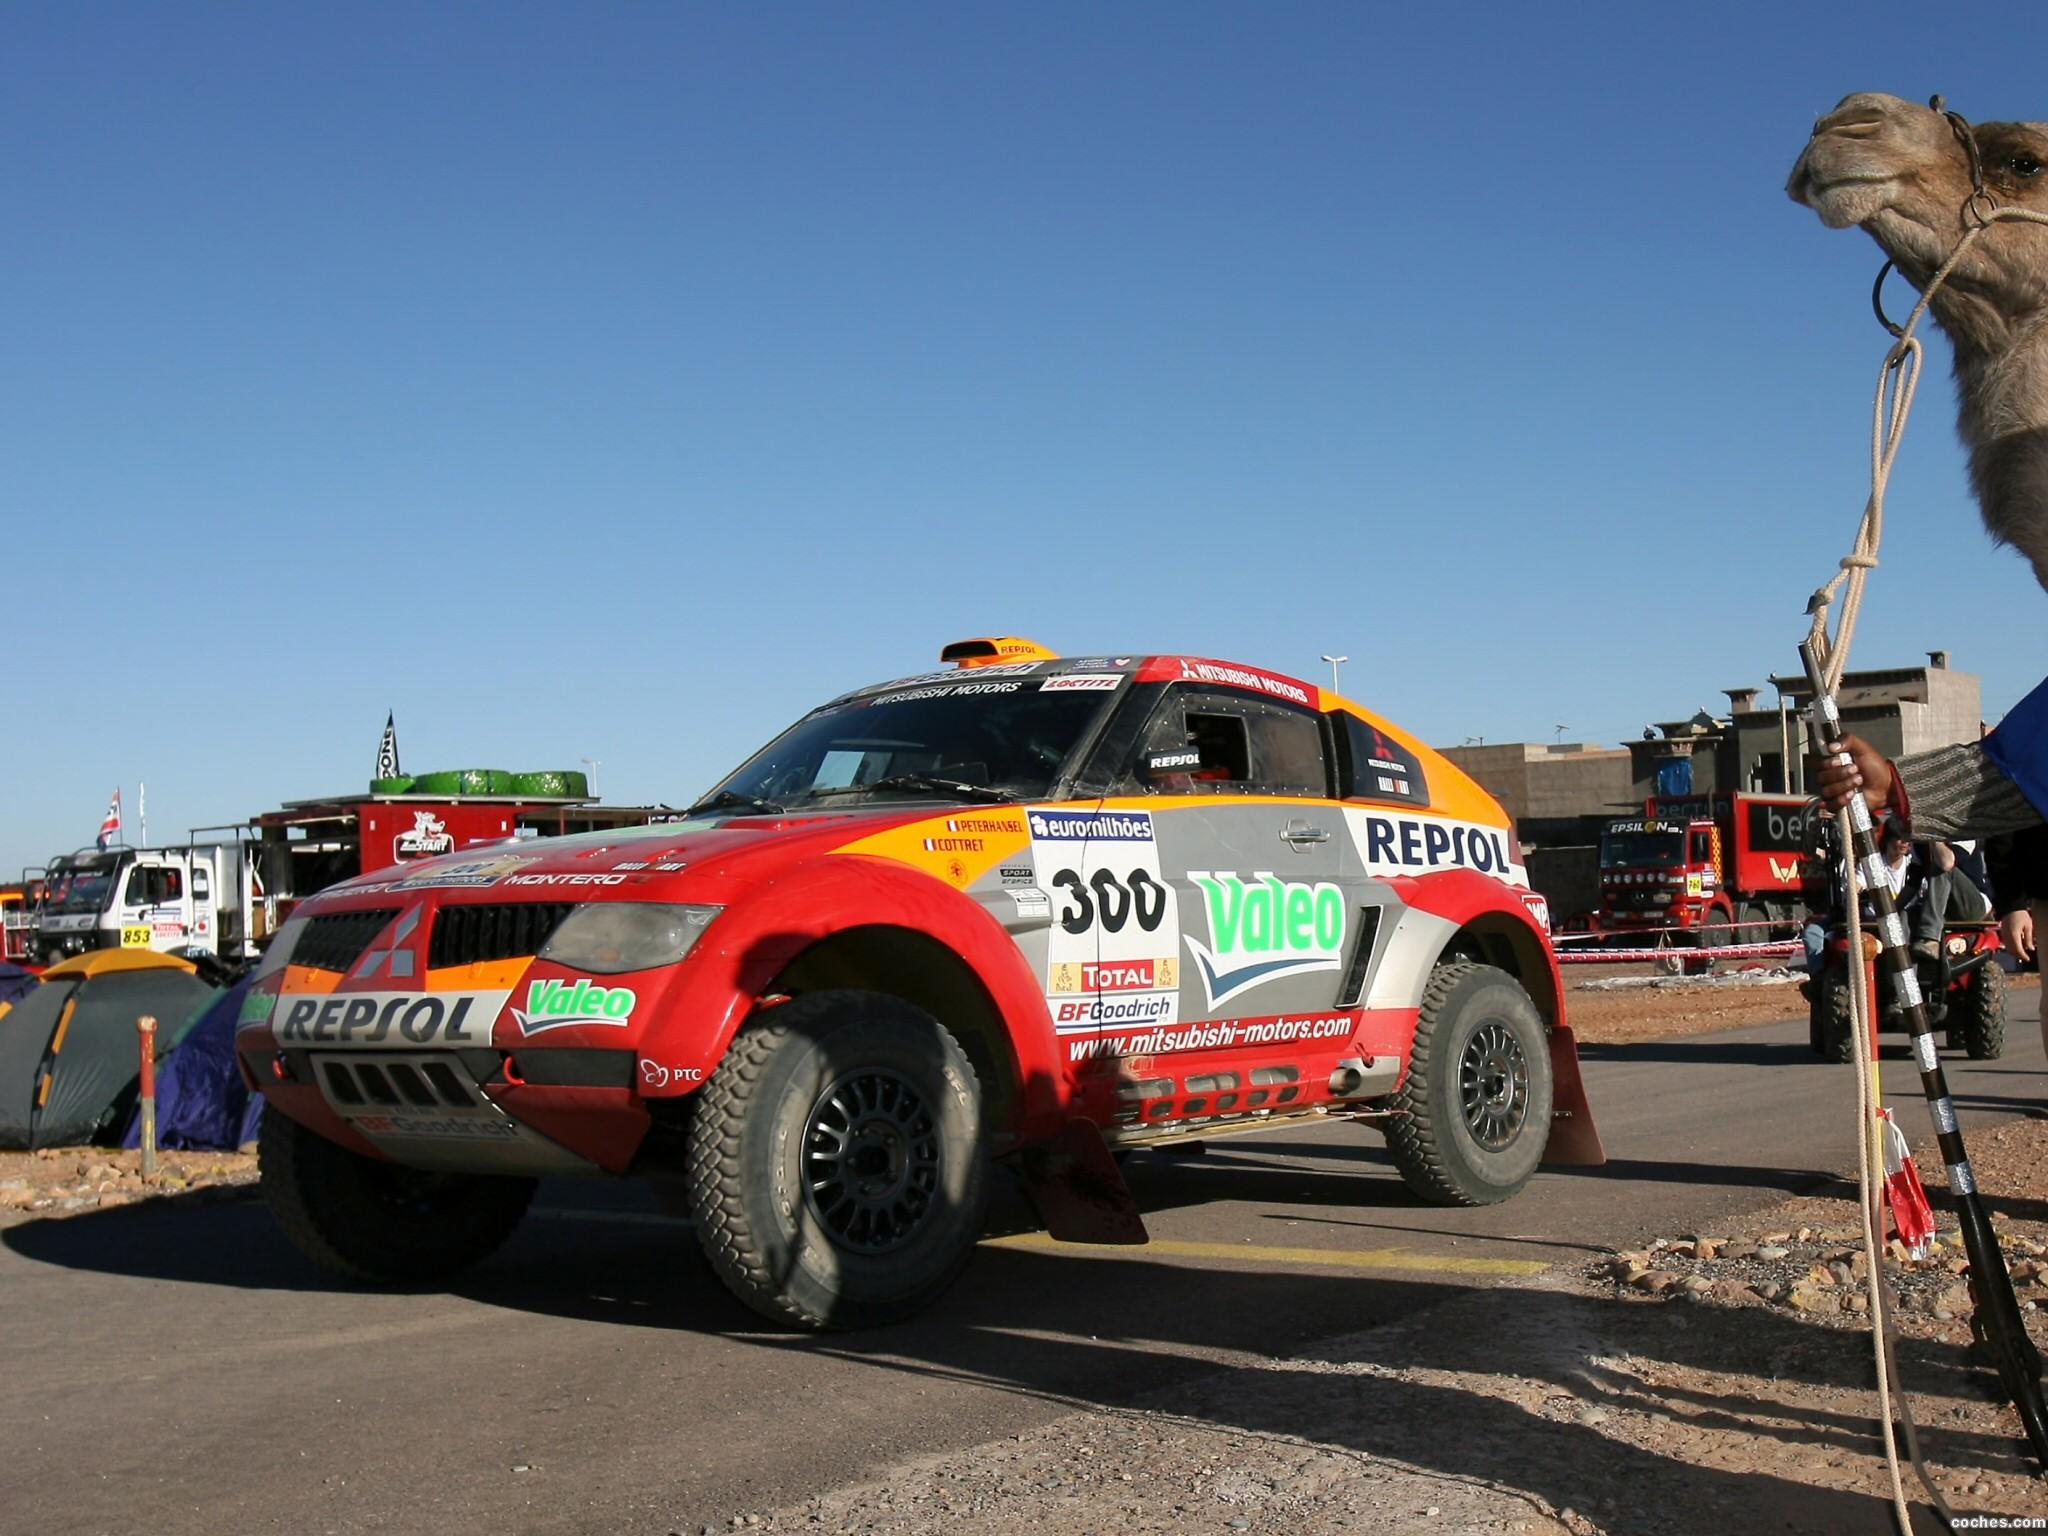 Foto 5 de Mitsubishi Pajero Dakar 2006